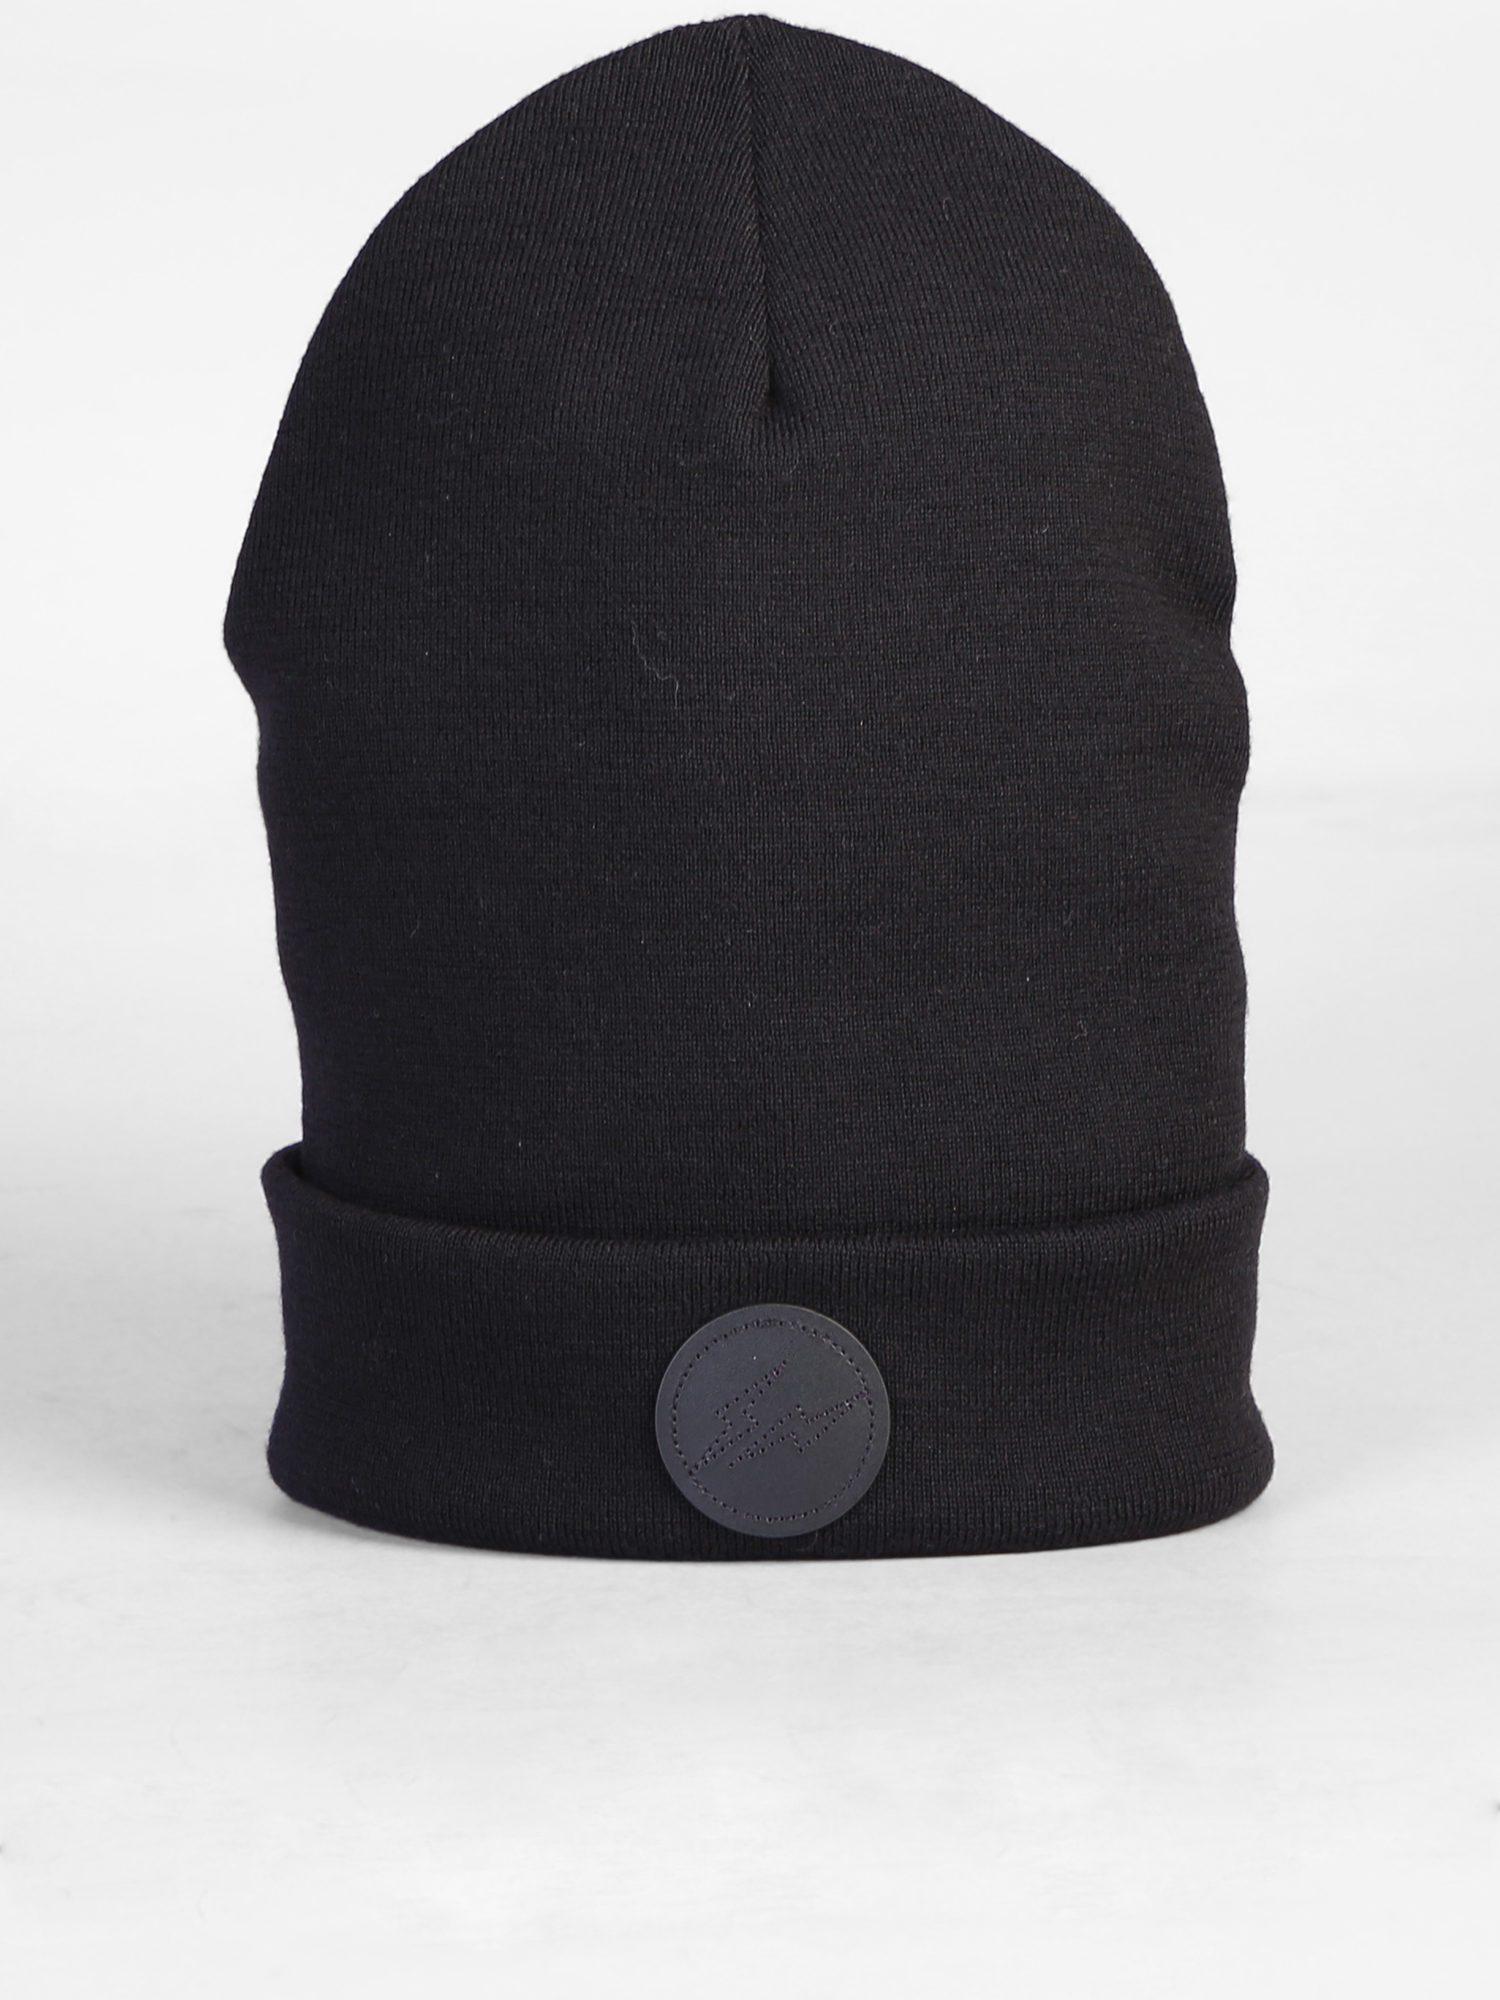 71219c60753 Moncler Genius 7 Moncler Fragment Hiroshi Fujiwara - Hat in Black ...